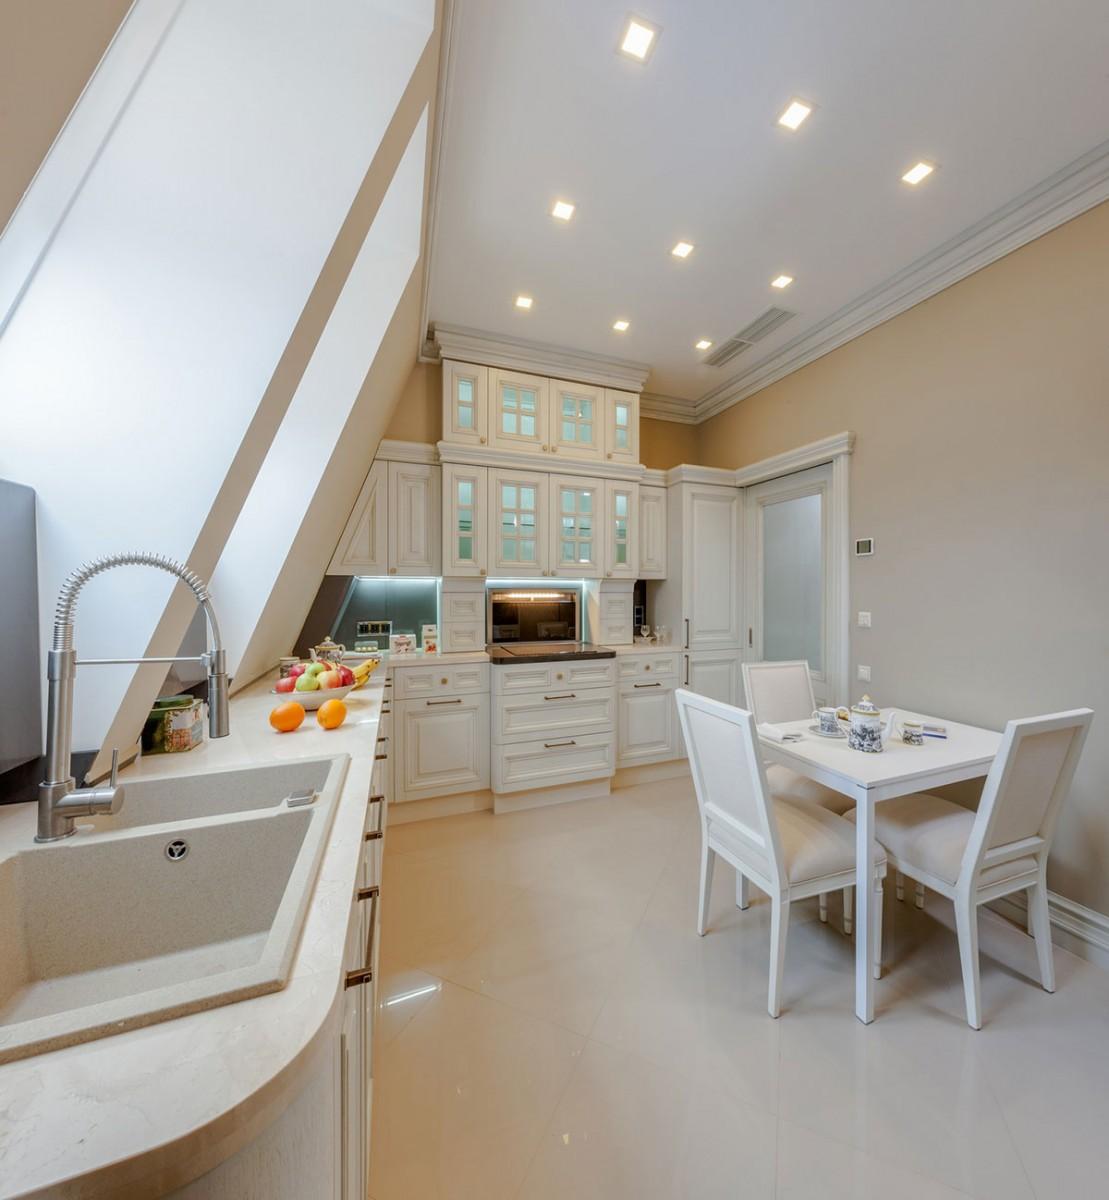 Кухня, вид 2, квартира 11, дом 800, КП Довиль